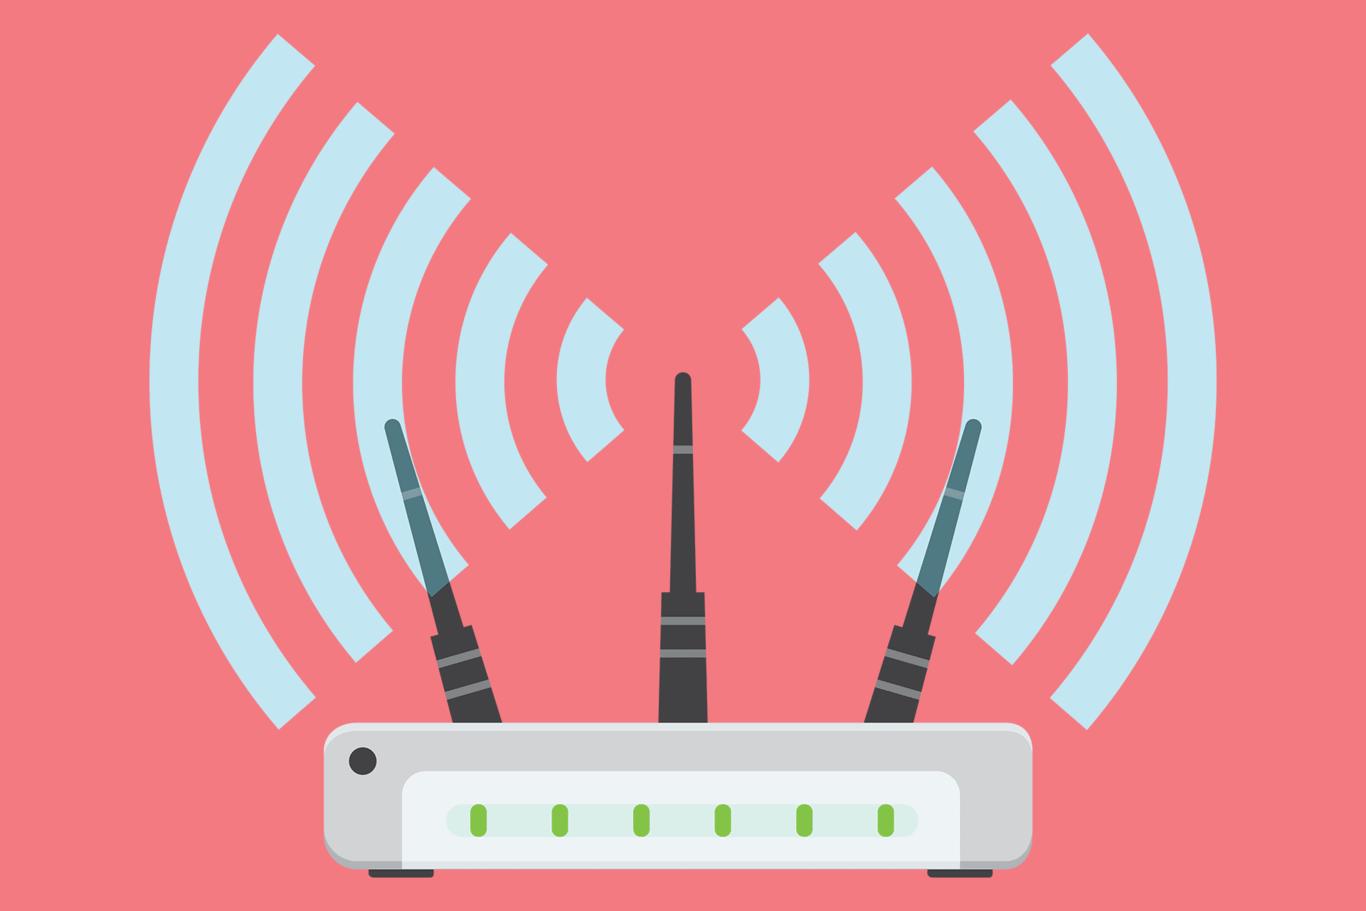 Cómo configurar el router según la cantidad y tipos de dispositivos que tengas en casa - Espacio Tuenti